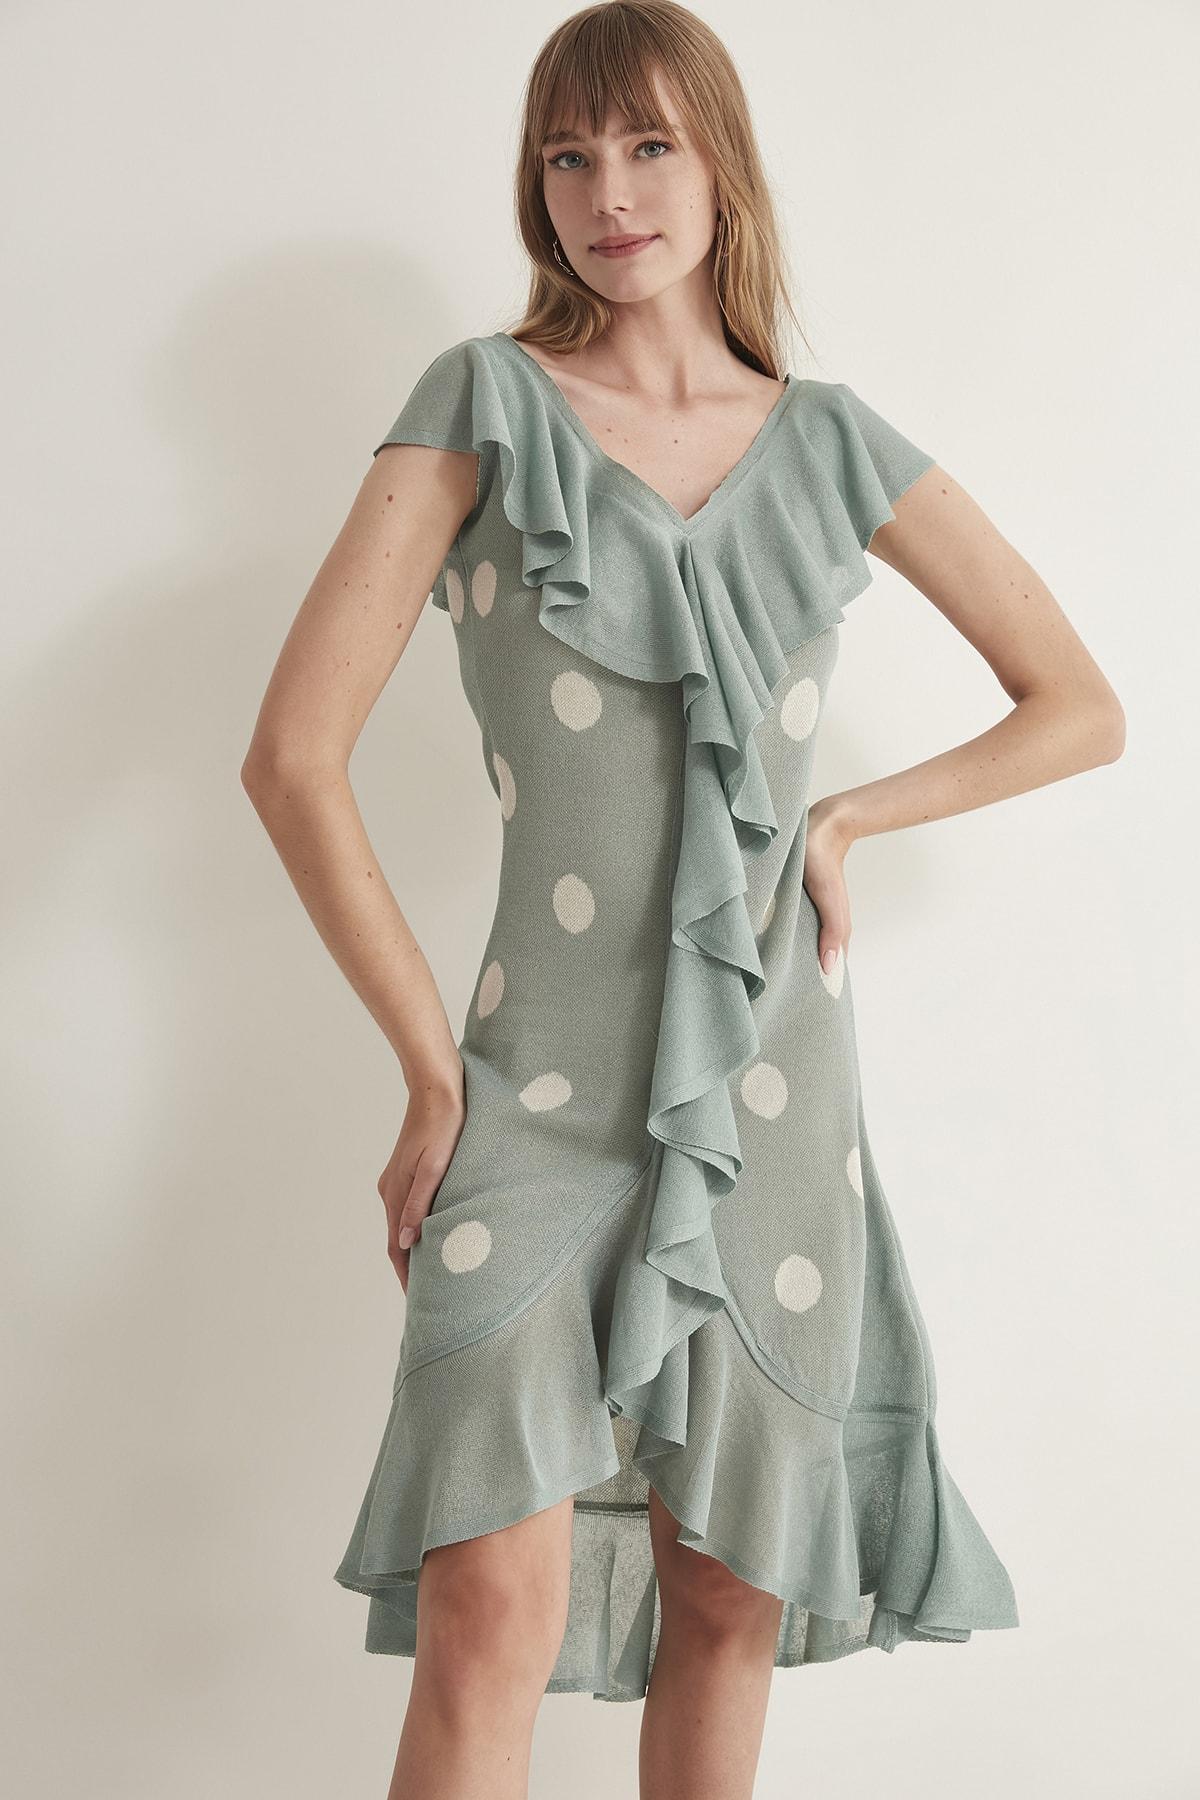 JOIN US Kadın Puantiyeli Fırfırlı V Yaka  Triko Elbise-Mint 2020S079 2